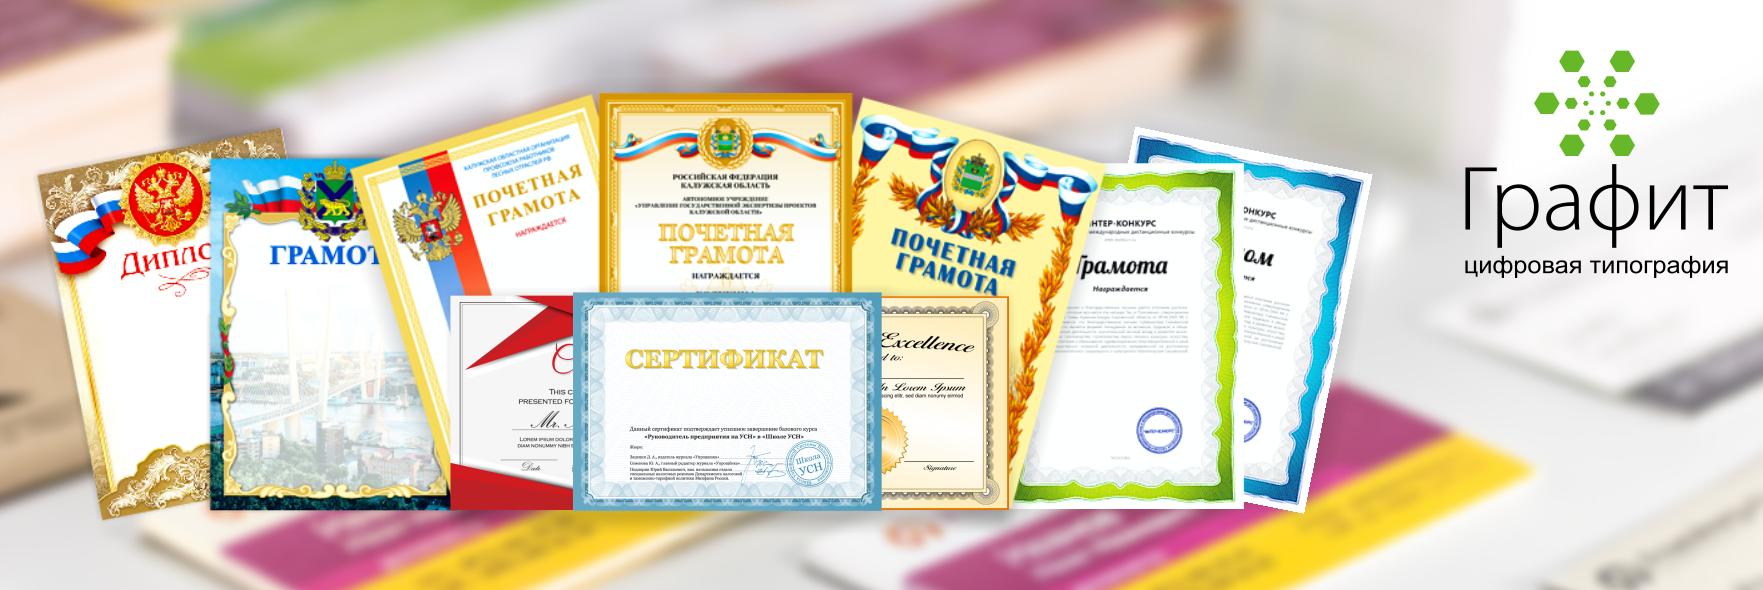 дипломы сертификаты картинки поднимает настроение